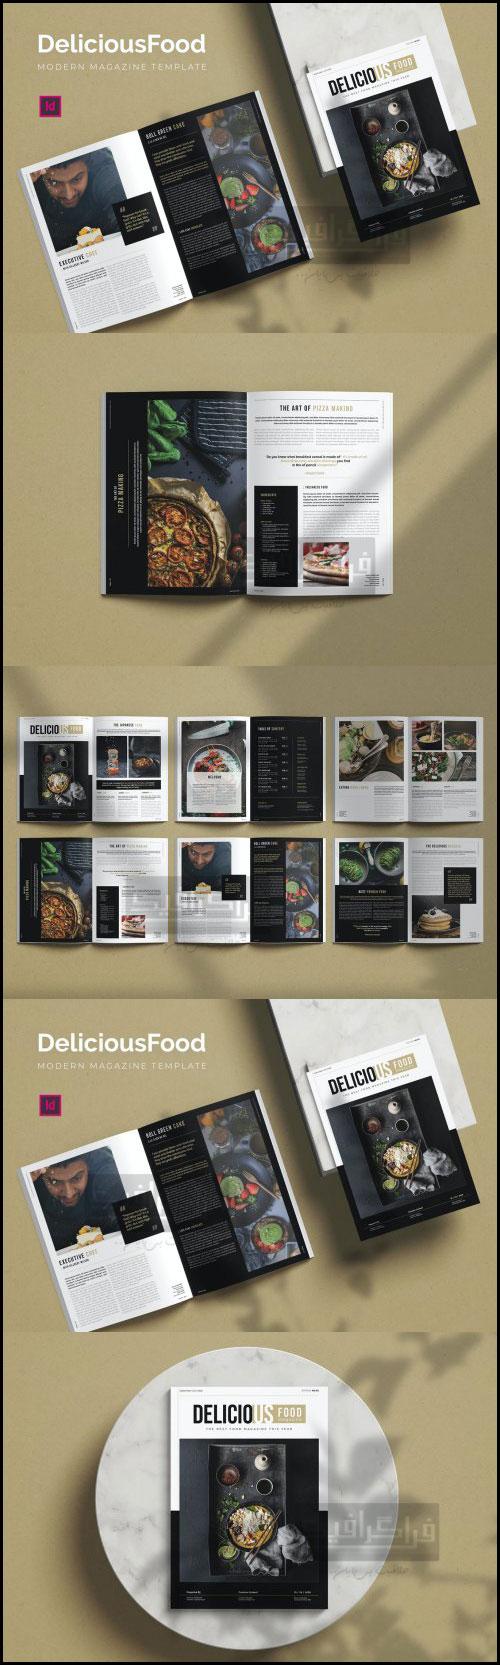 دانلود فایل لایه باز ایندیزاین مجله آشپزی - شماره 2